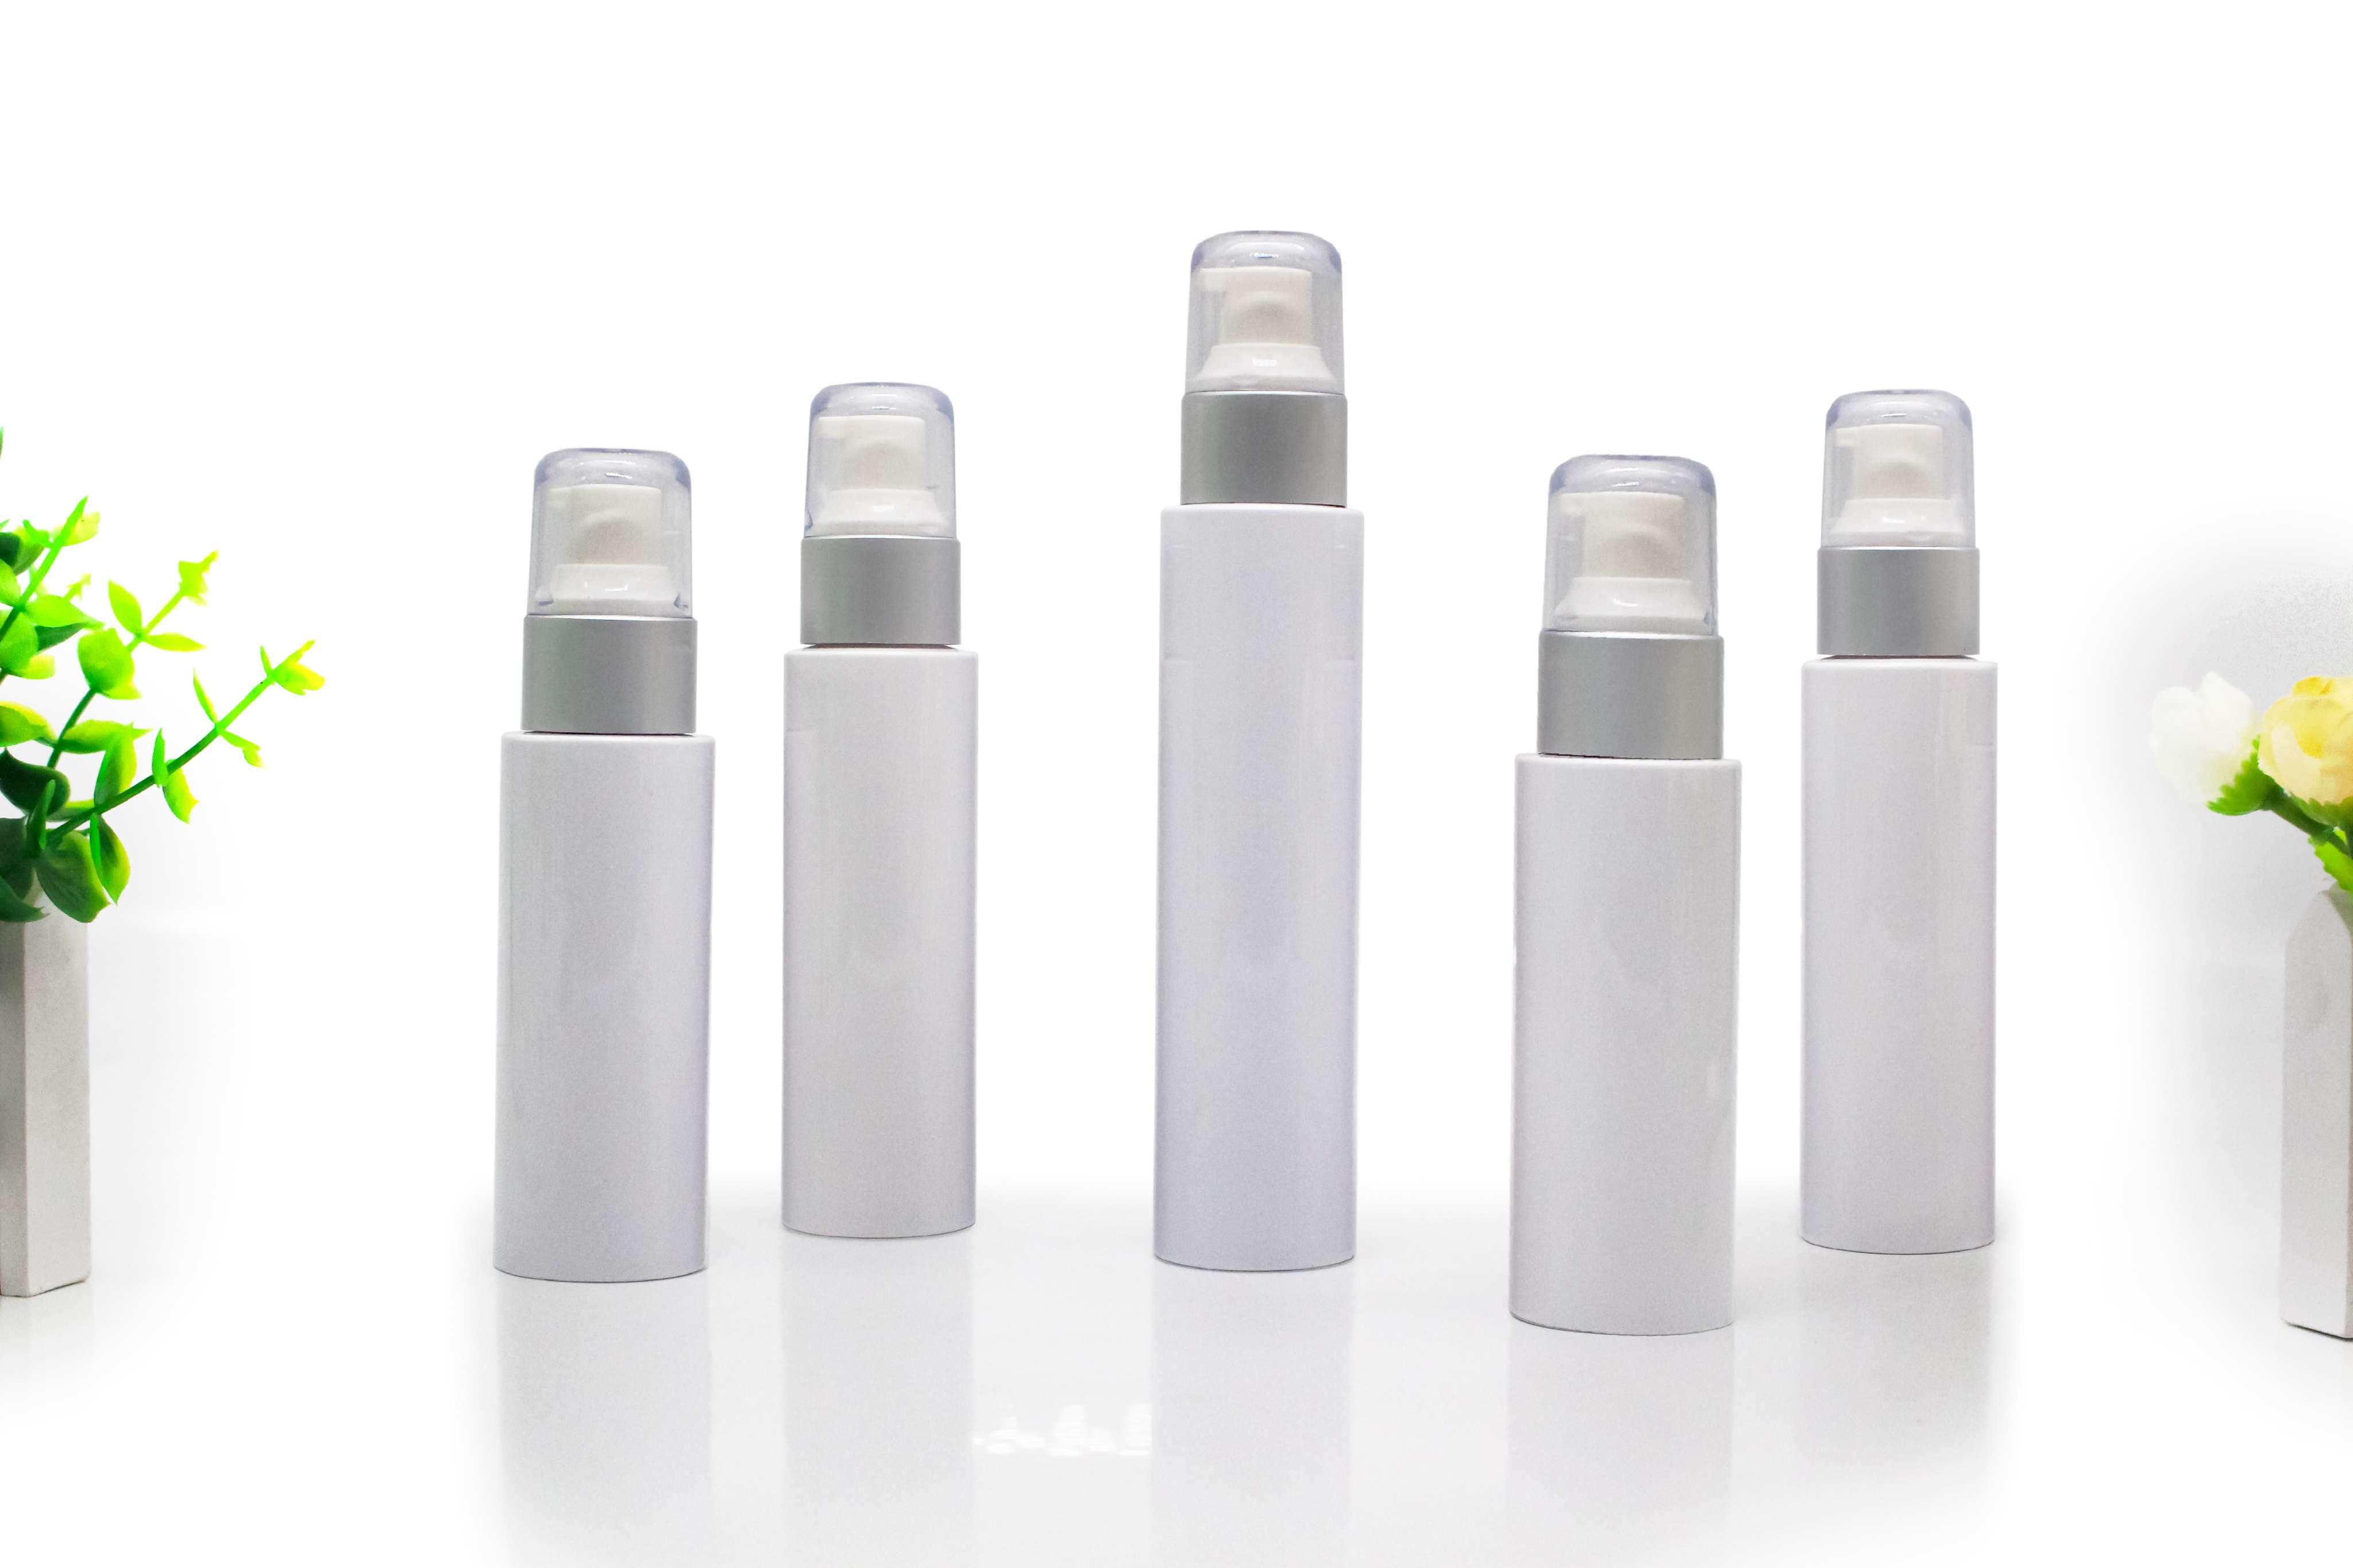 乳液瓶系列